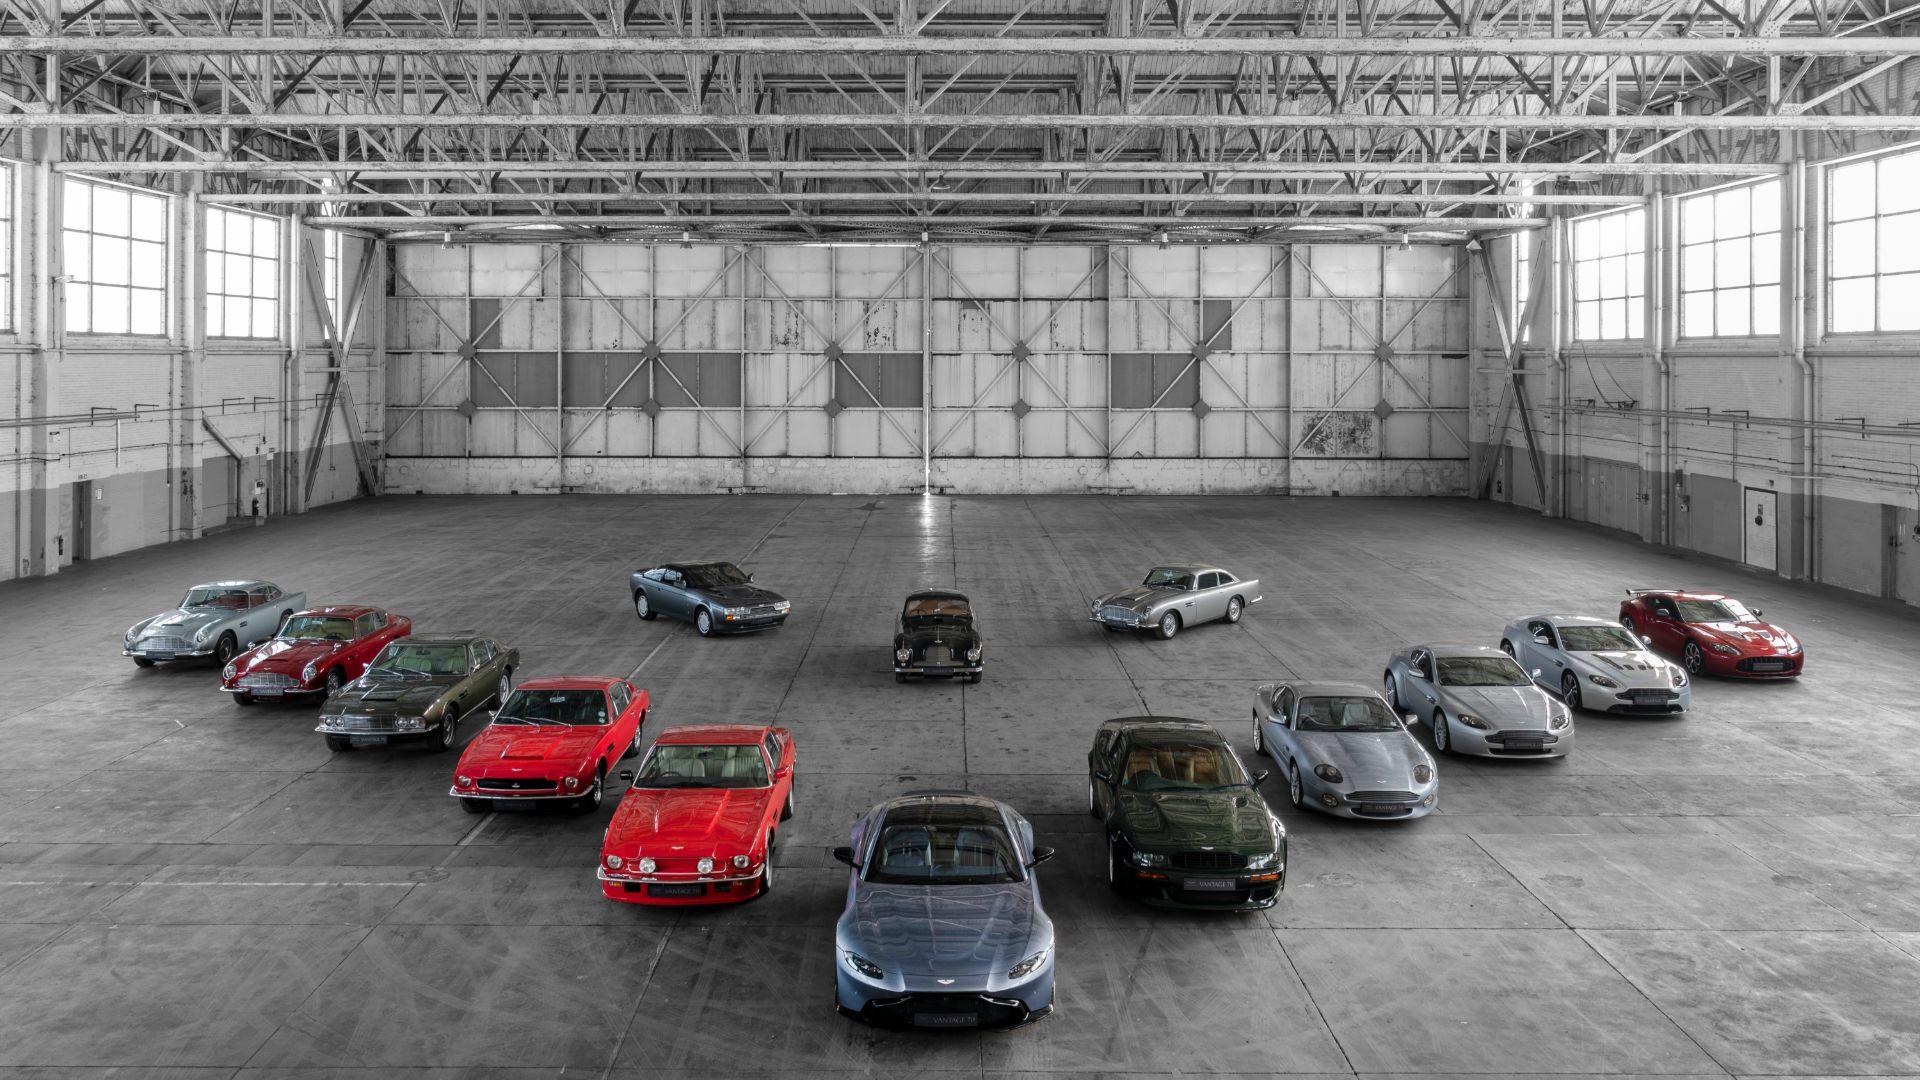 More Aston Martin Vantage photos